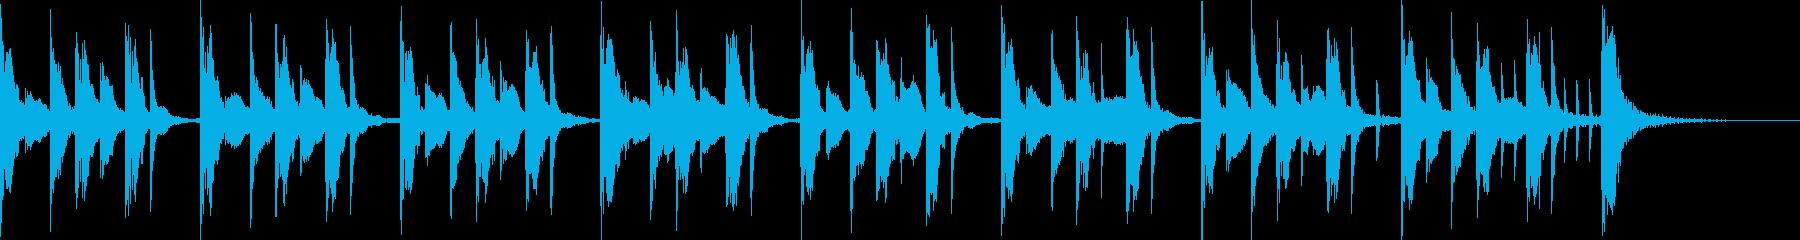 十五秒の考える時間のジングルの再生済みの波形